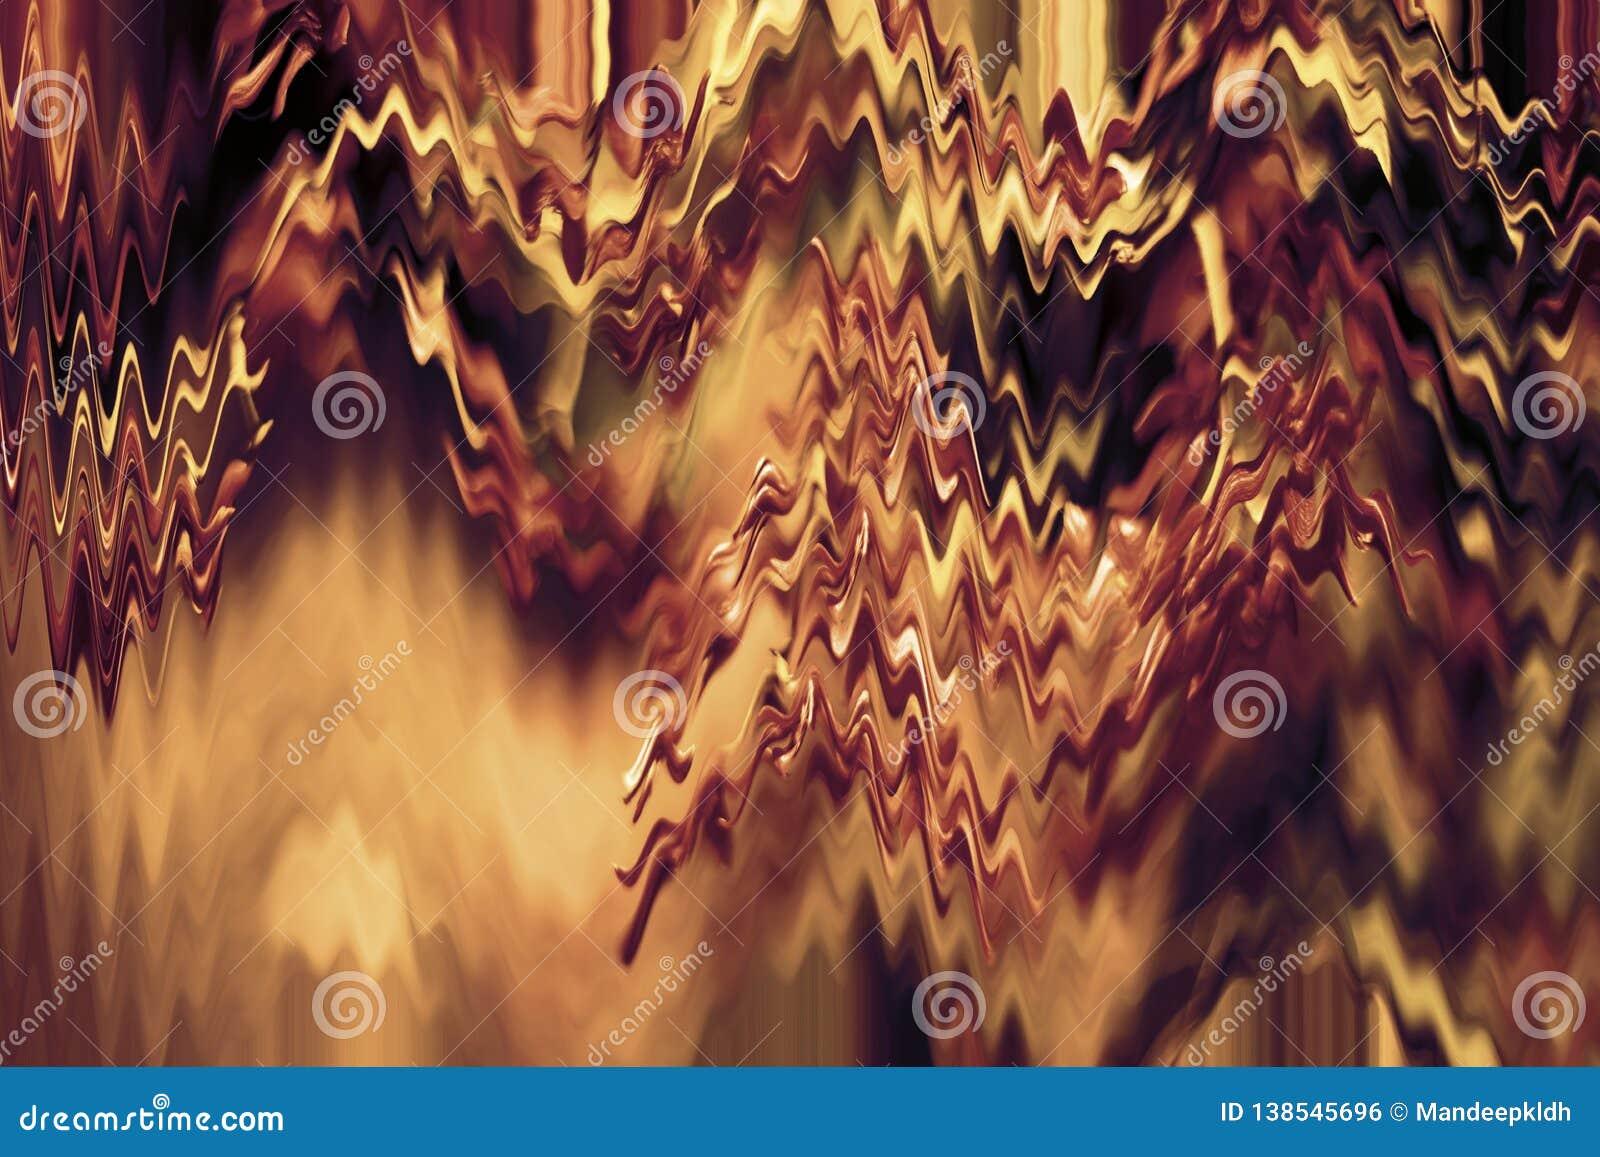 Papel pintado brillante texturizado vibrante Papel digital de cobre oscuro Bueno para el arte, regalo, fondo y decoración y temas